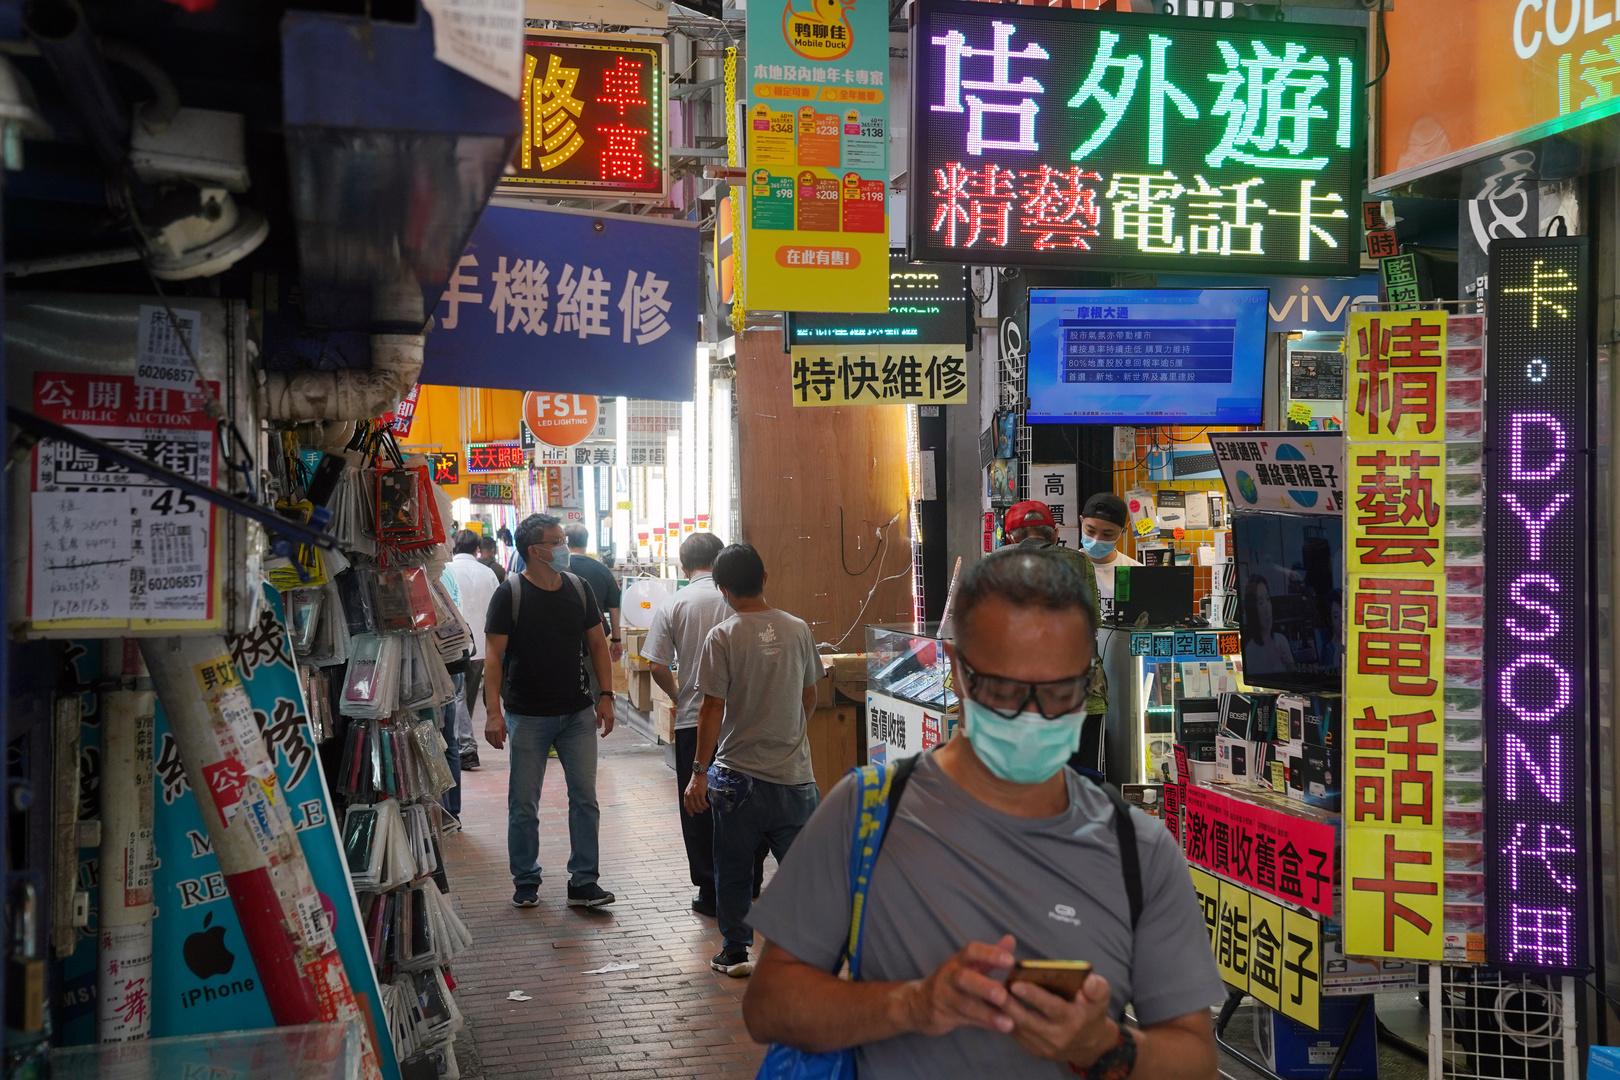 لليوم الثاني.. هونغ كونغ تسجل ارتفاعا غير مسبوق في الإصابات بكورونا